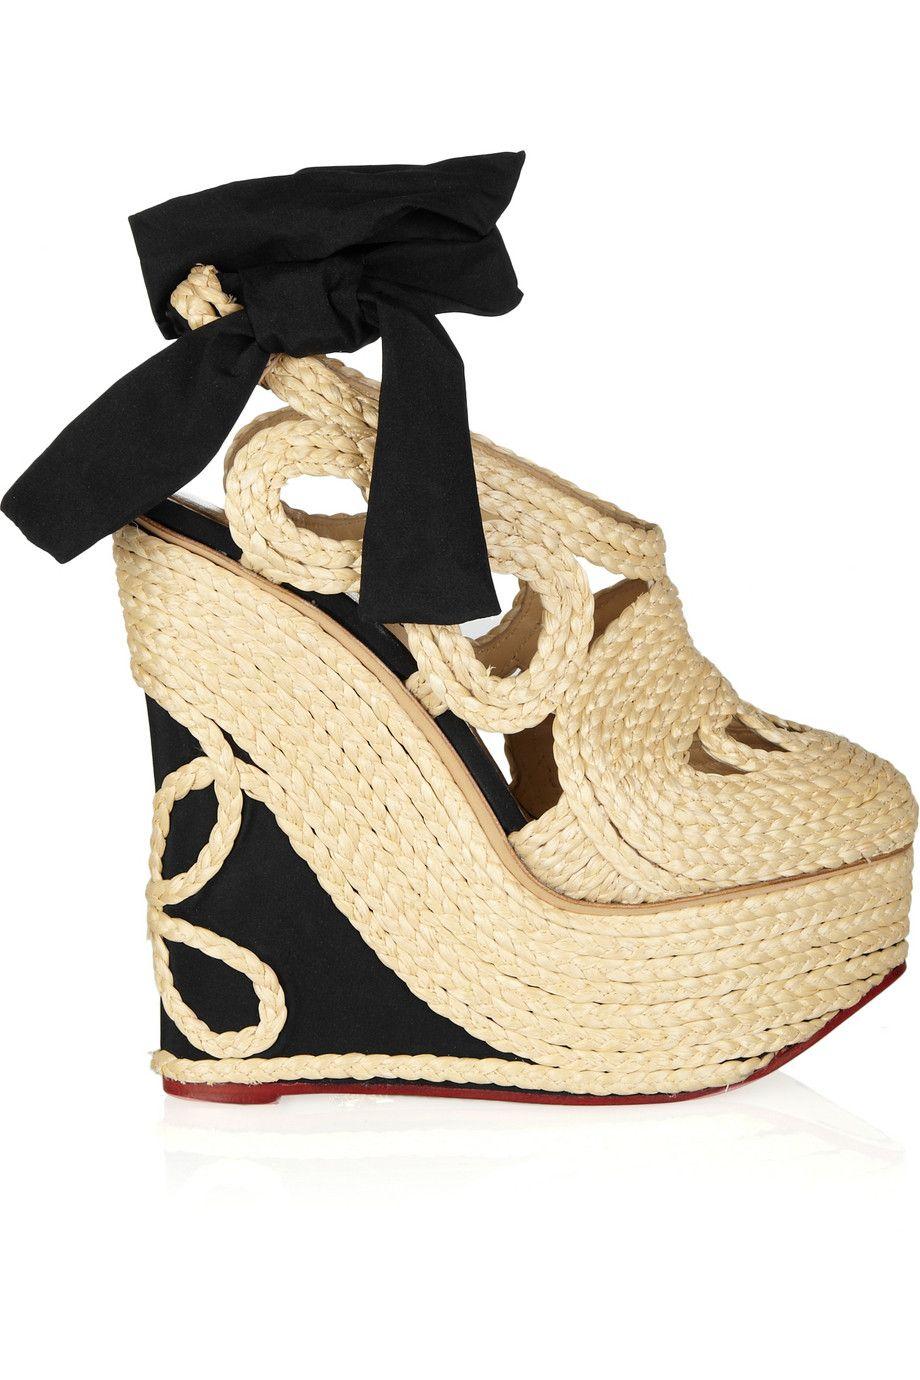 Fancy Swirls #Shoes